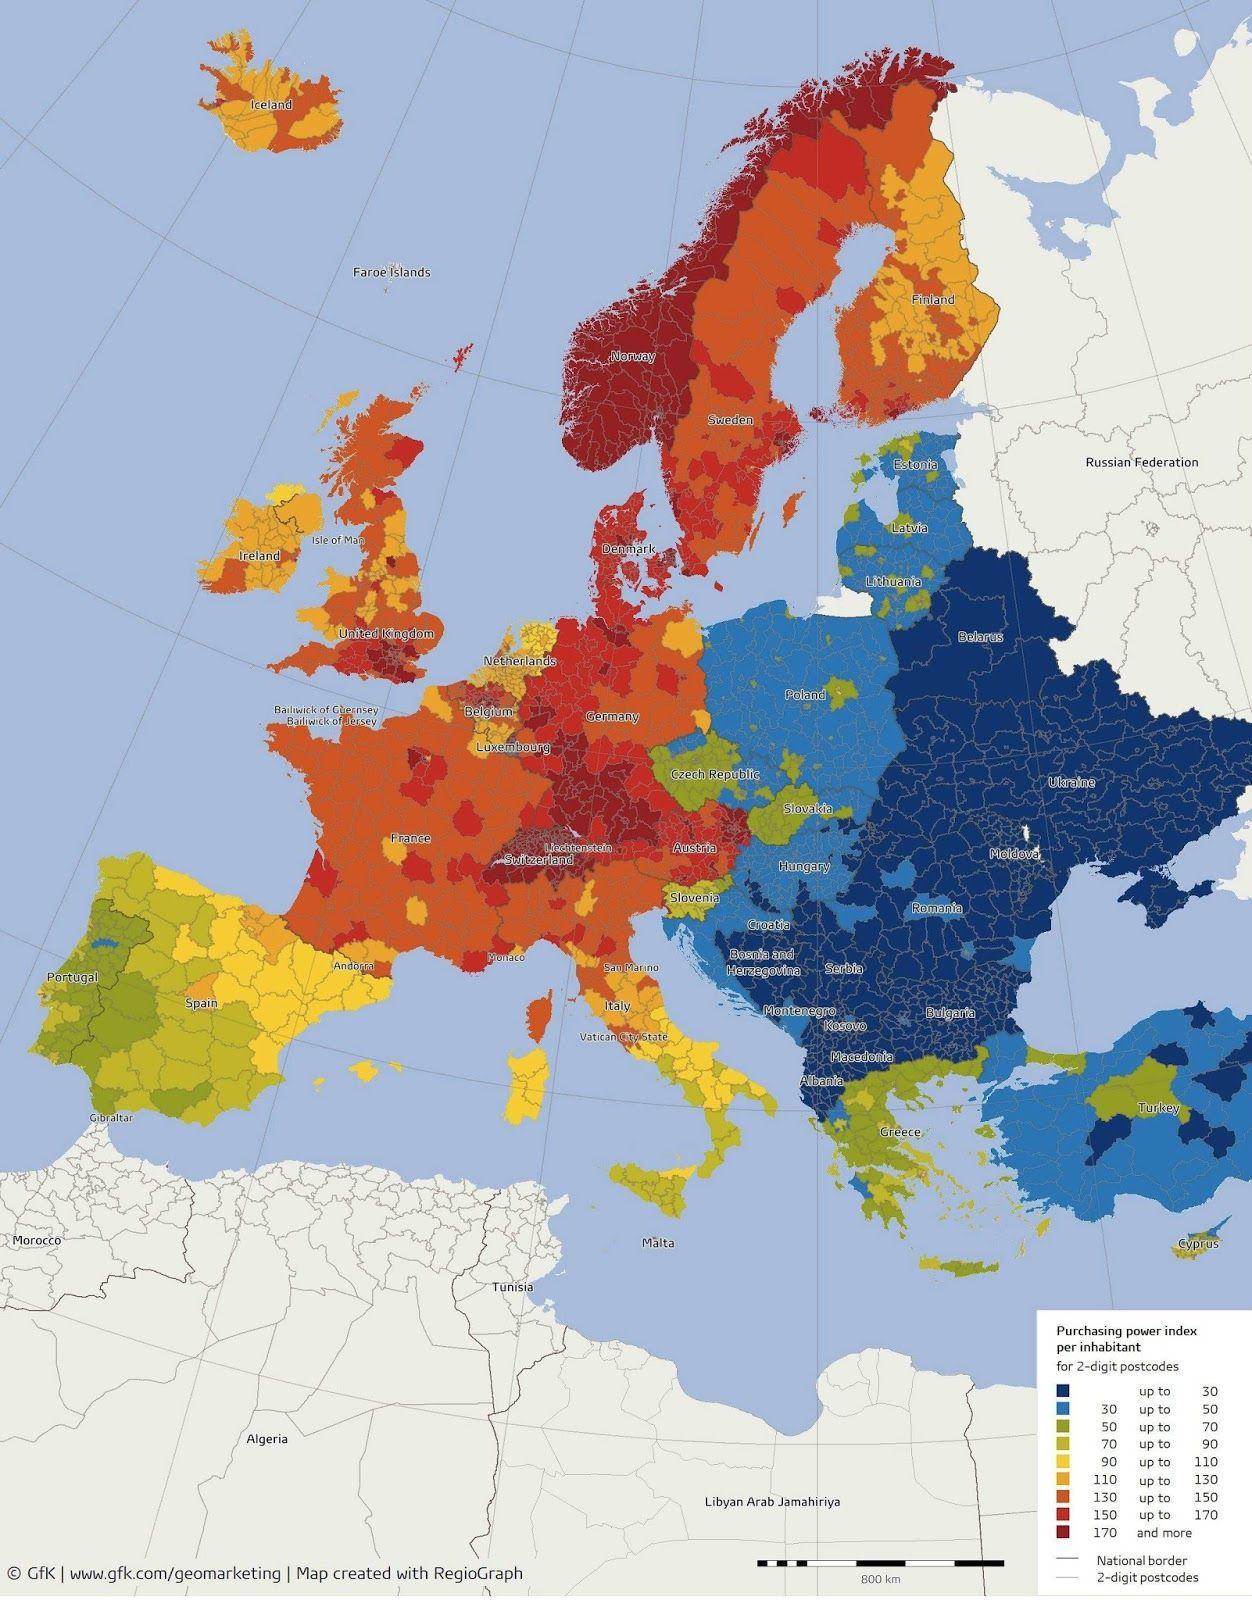 Gli Arcani Supremi (Vox clamantis in deserto - Gothian): Mappa del reddito pro capite nelle regioni europee...